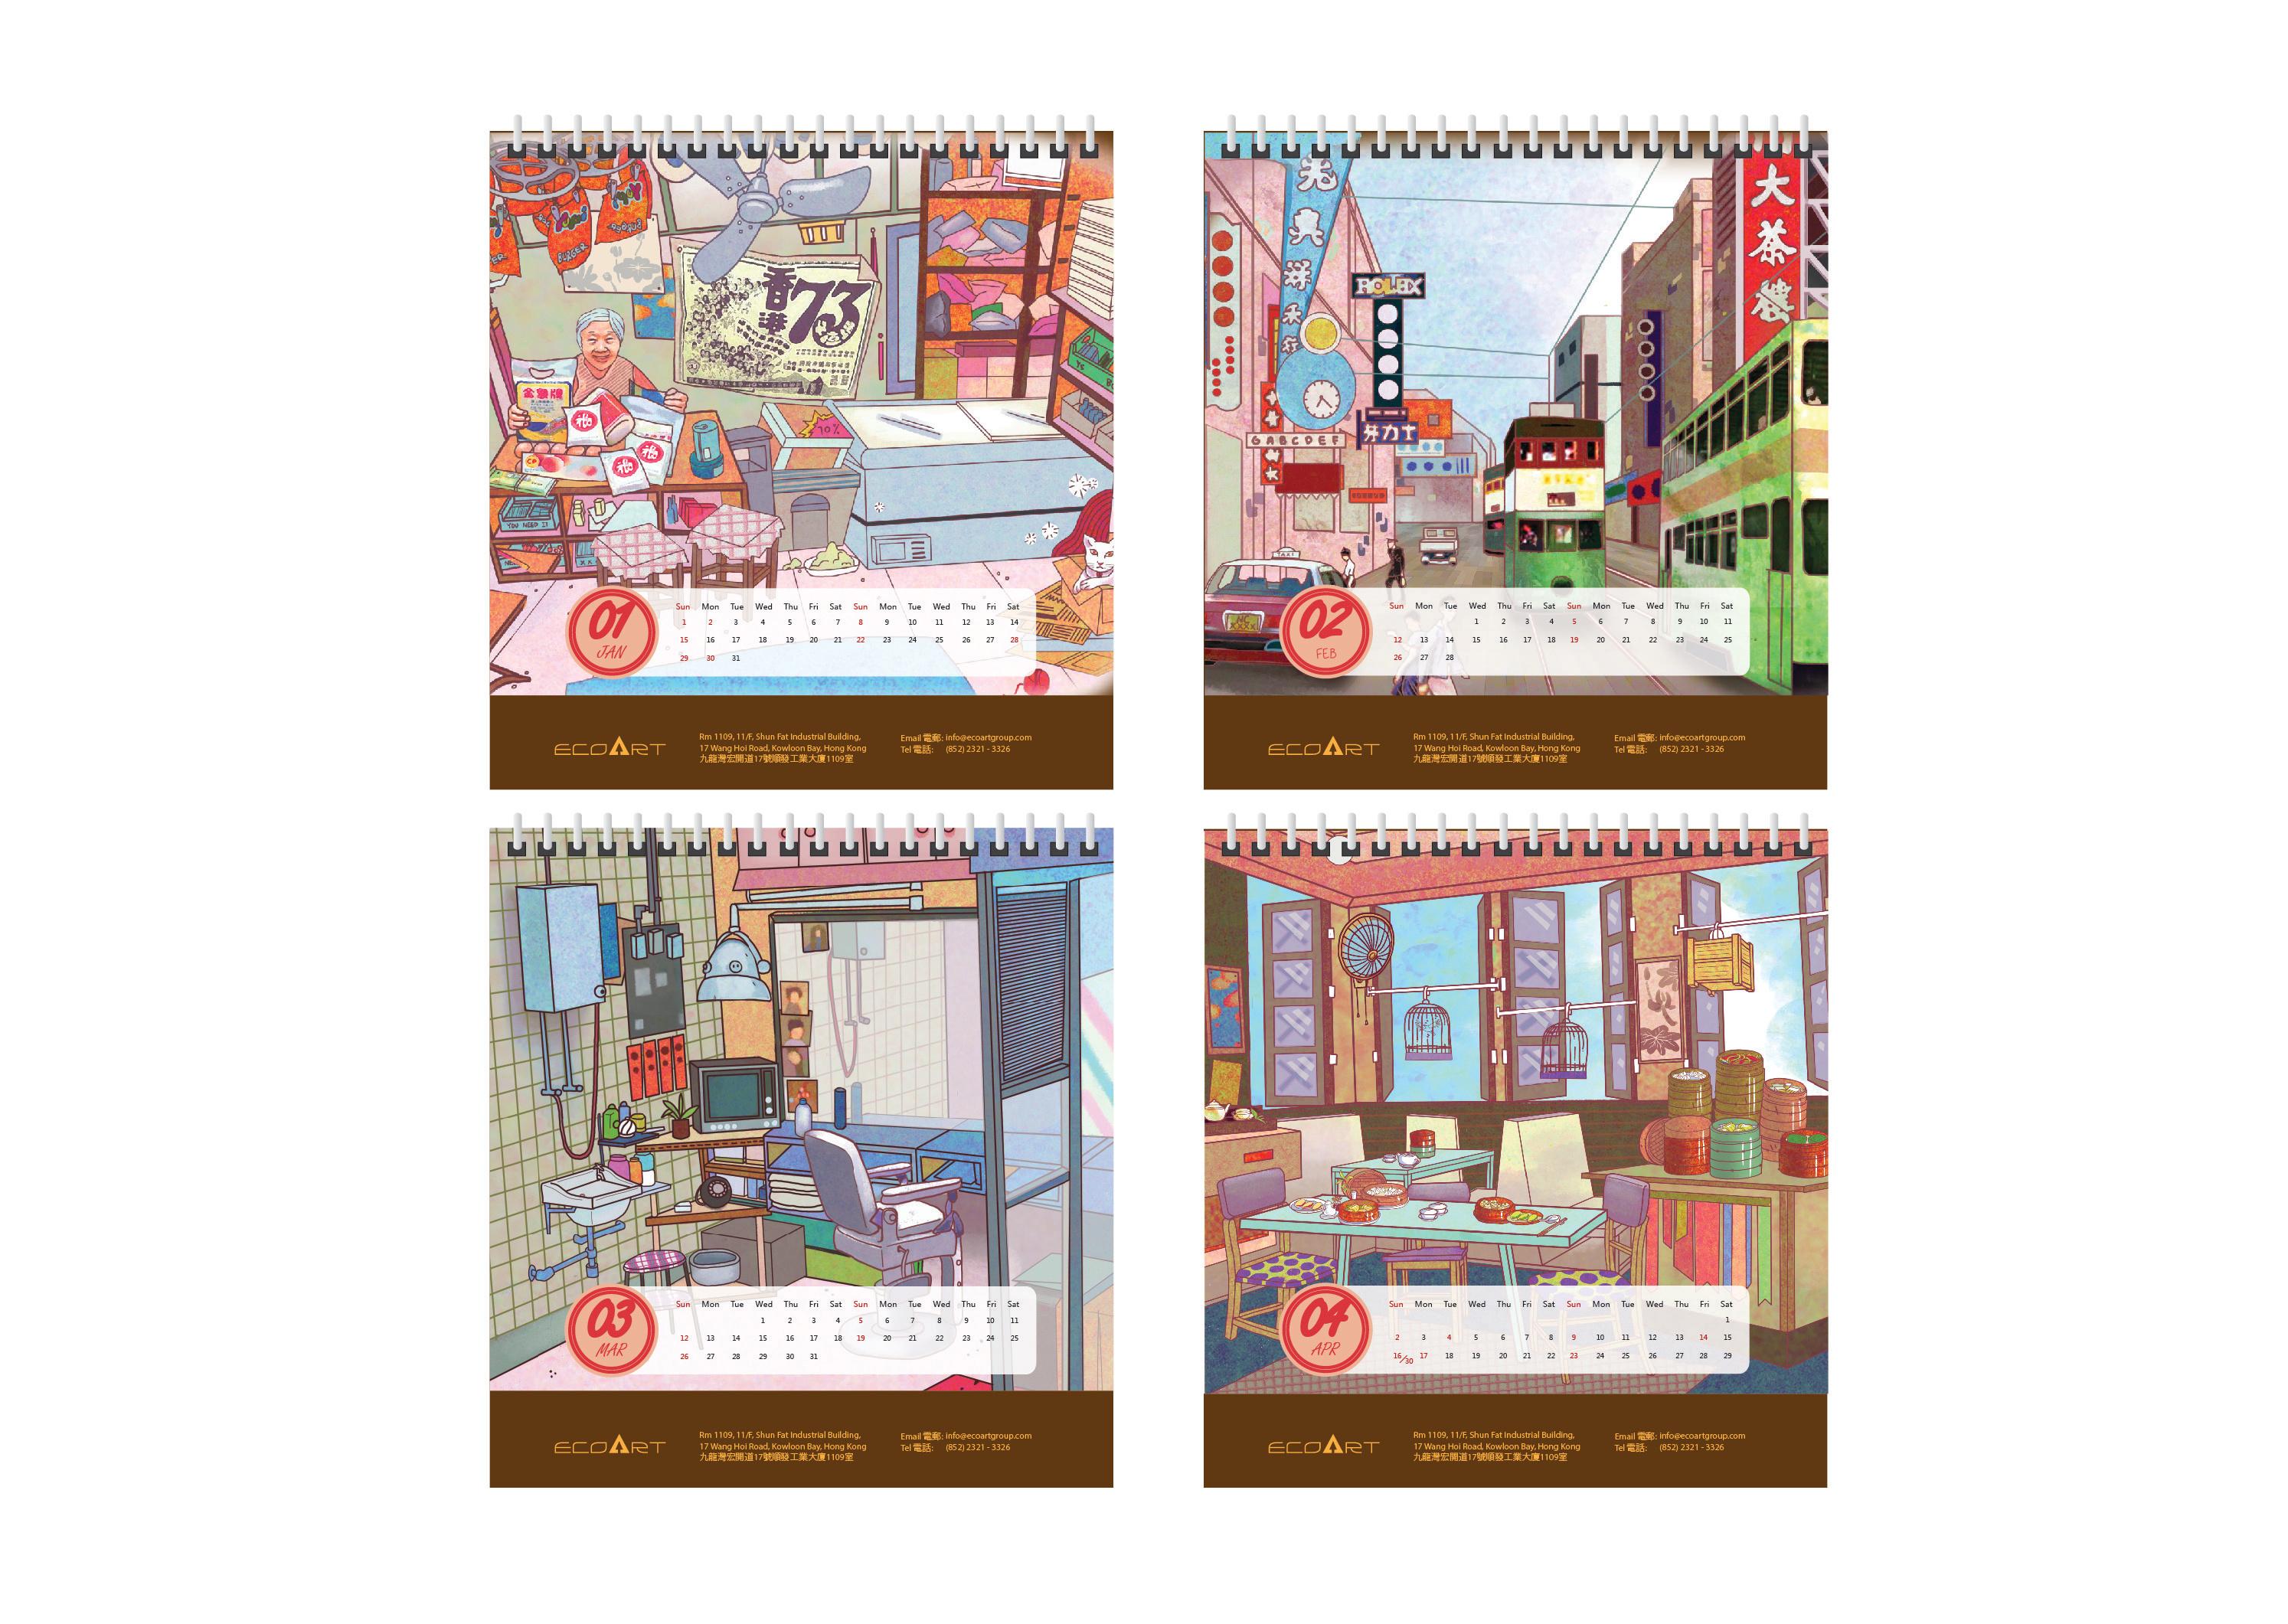 自選月曆頁數|月曆設計|自訂枱曆|座檯月曆|自選月曆組合|Desk Calendar| Wall Calendar| Design